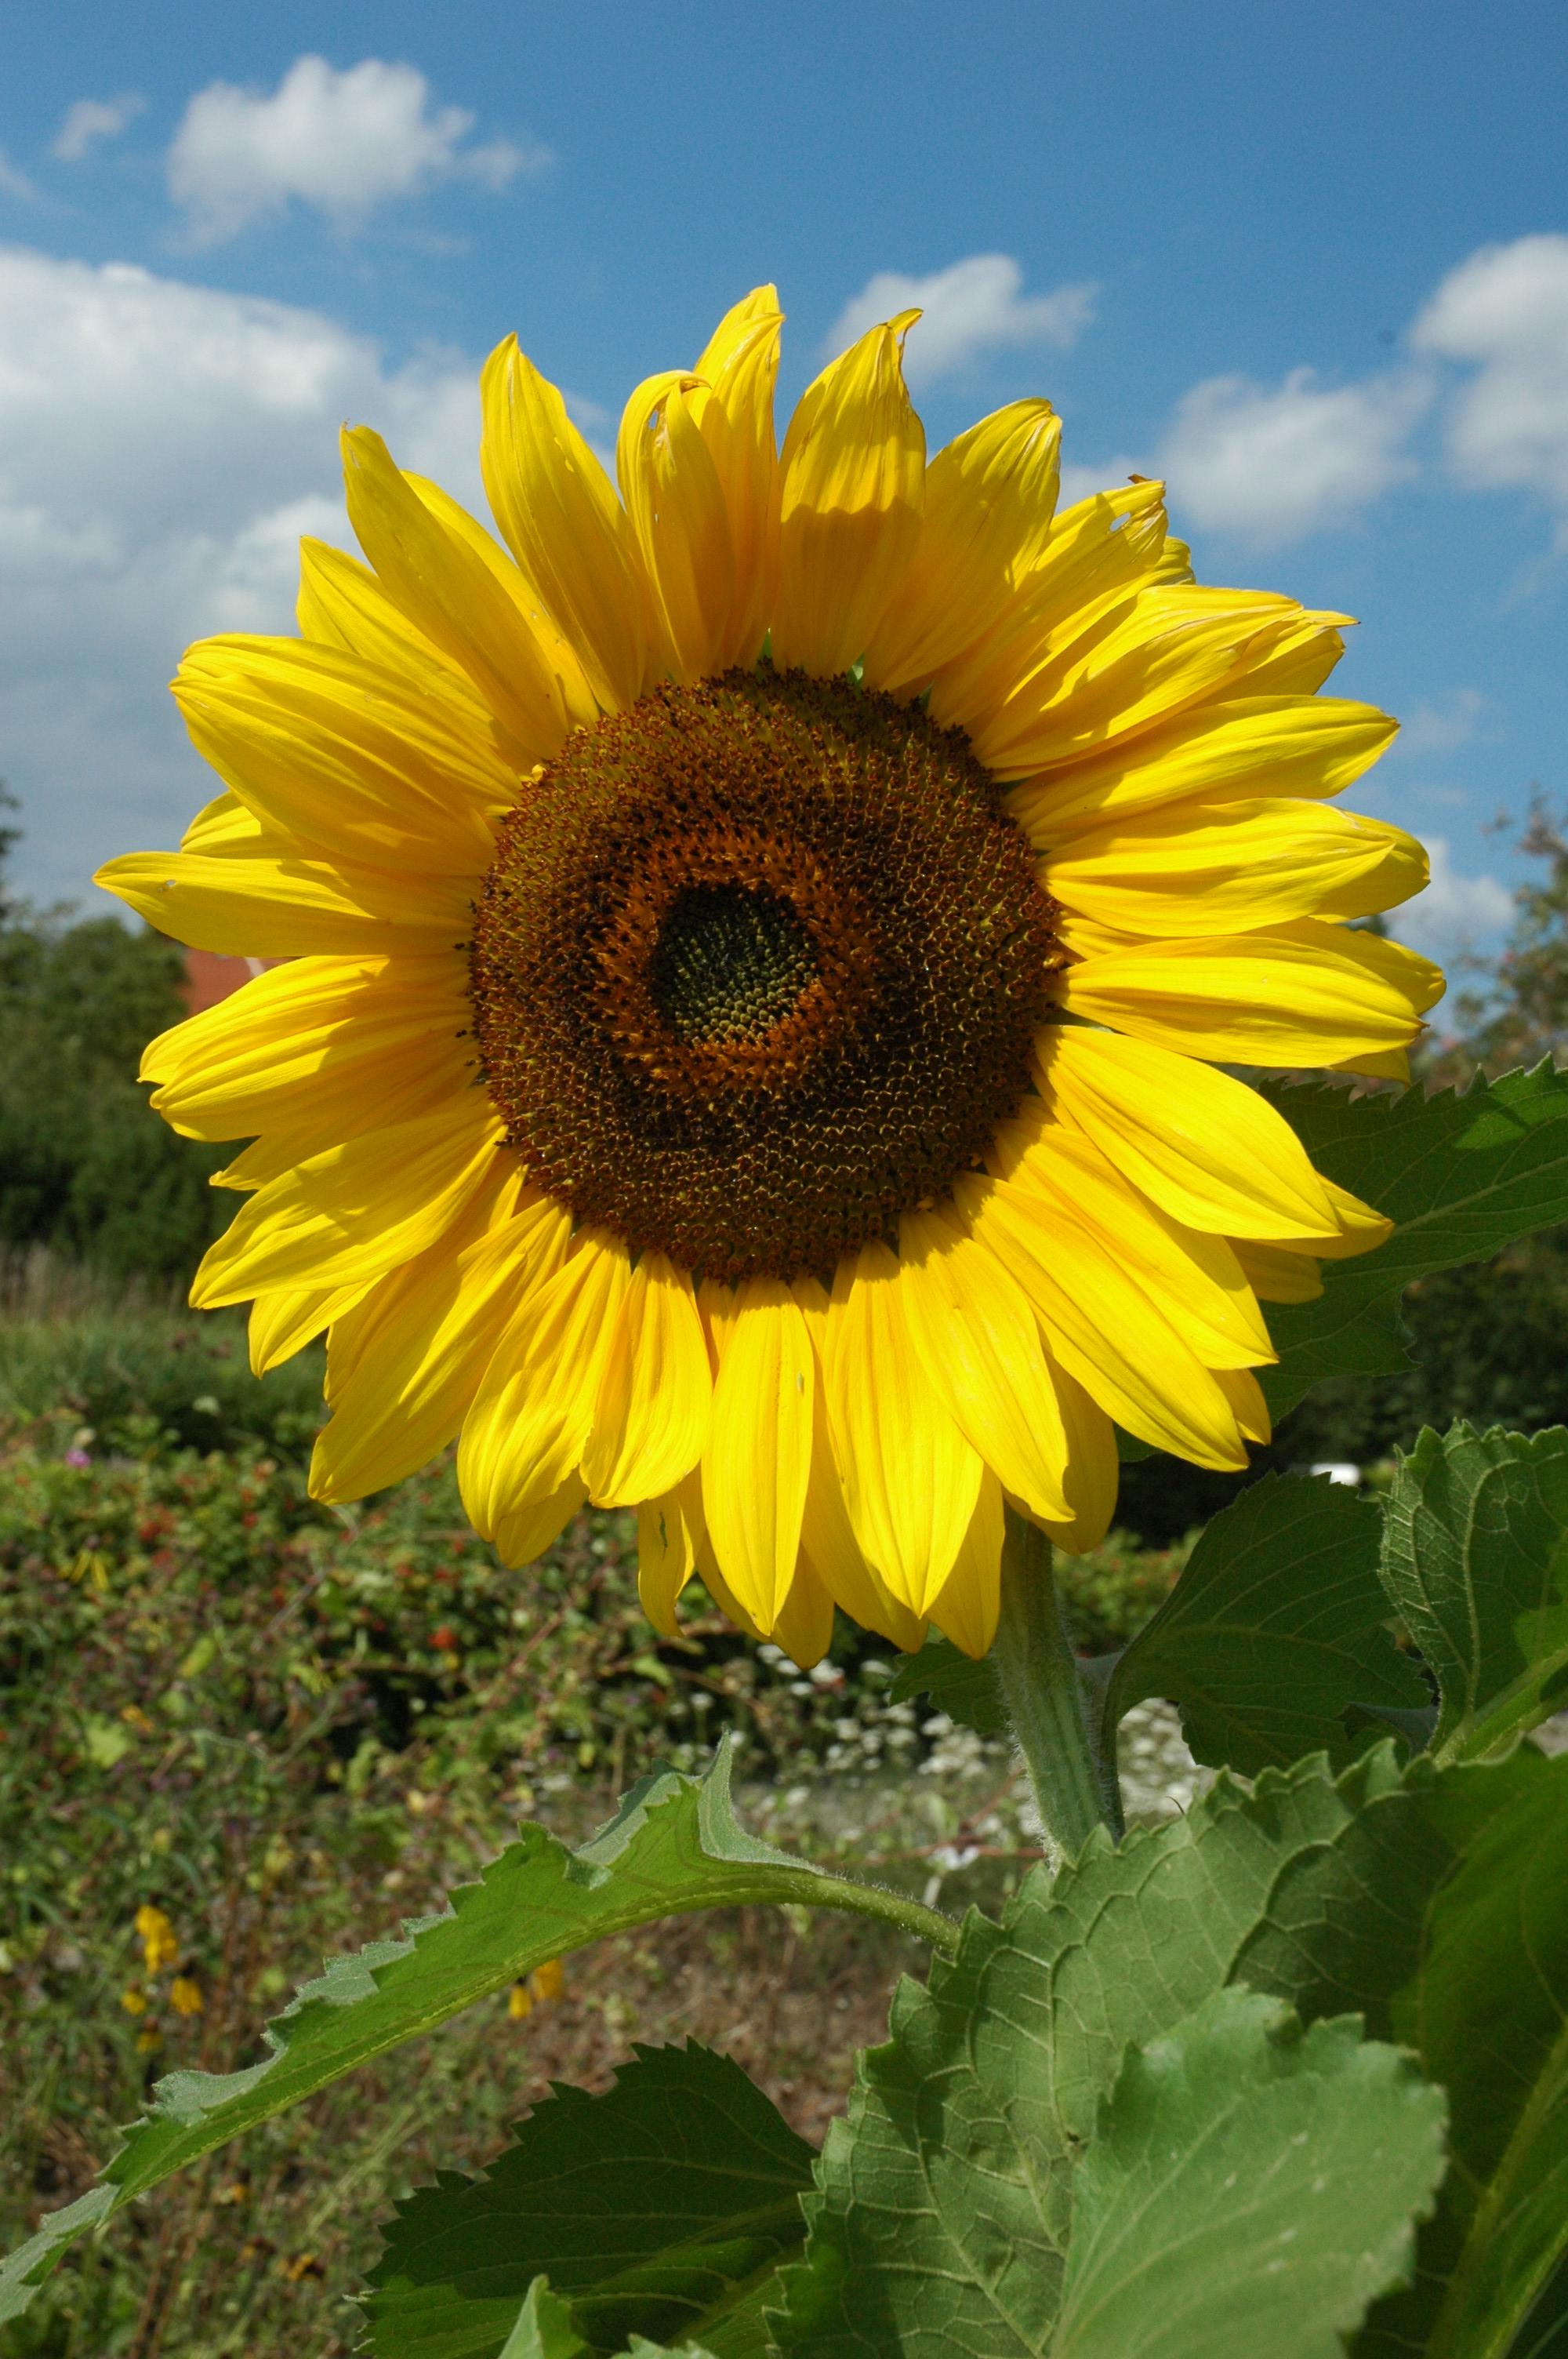 Die Sonnenblume | BGBM